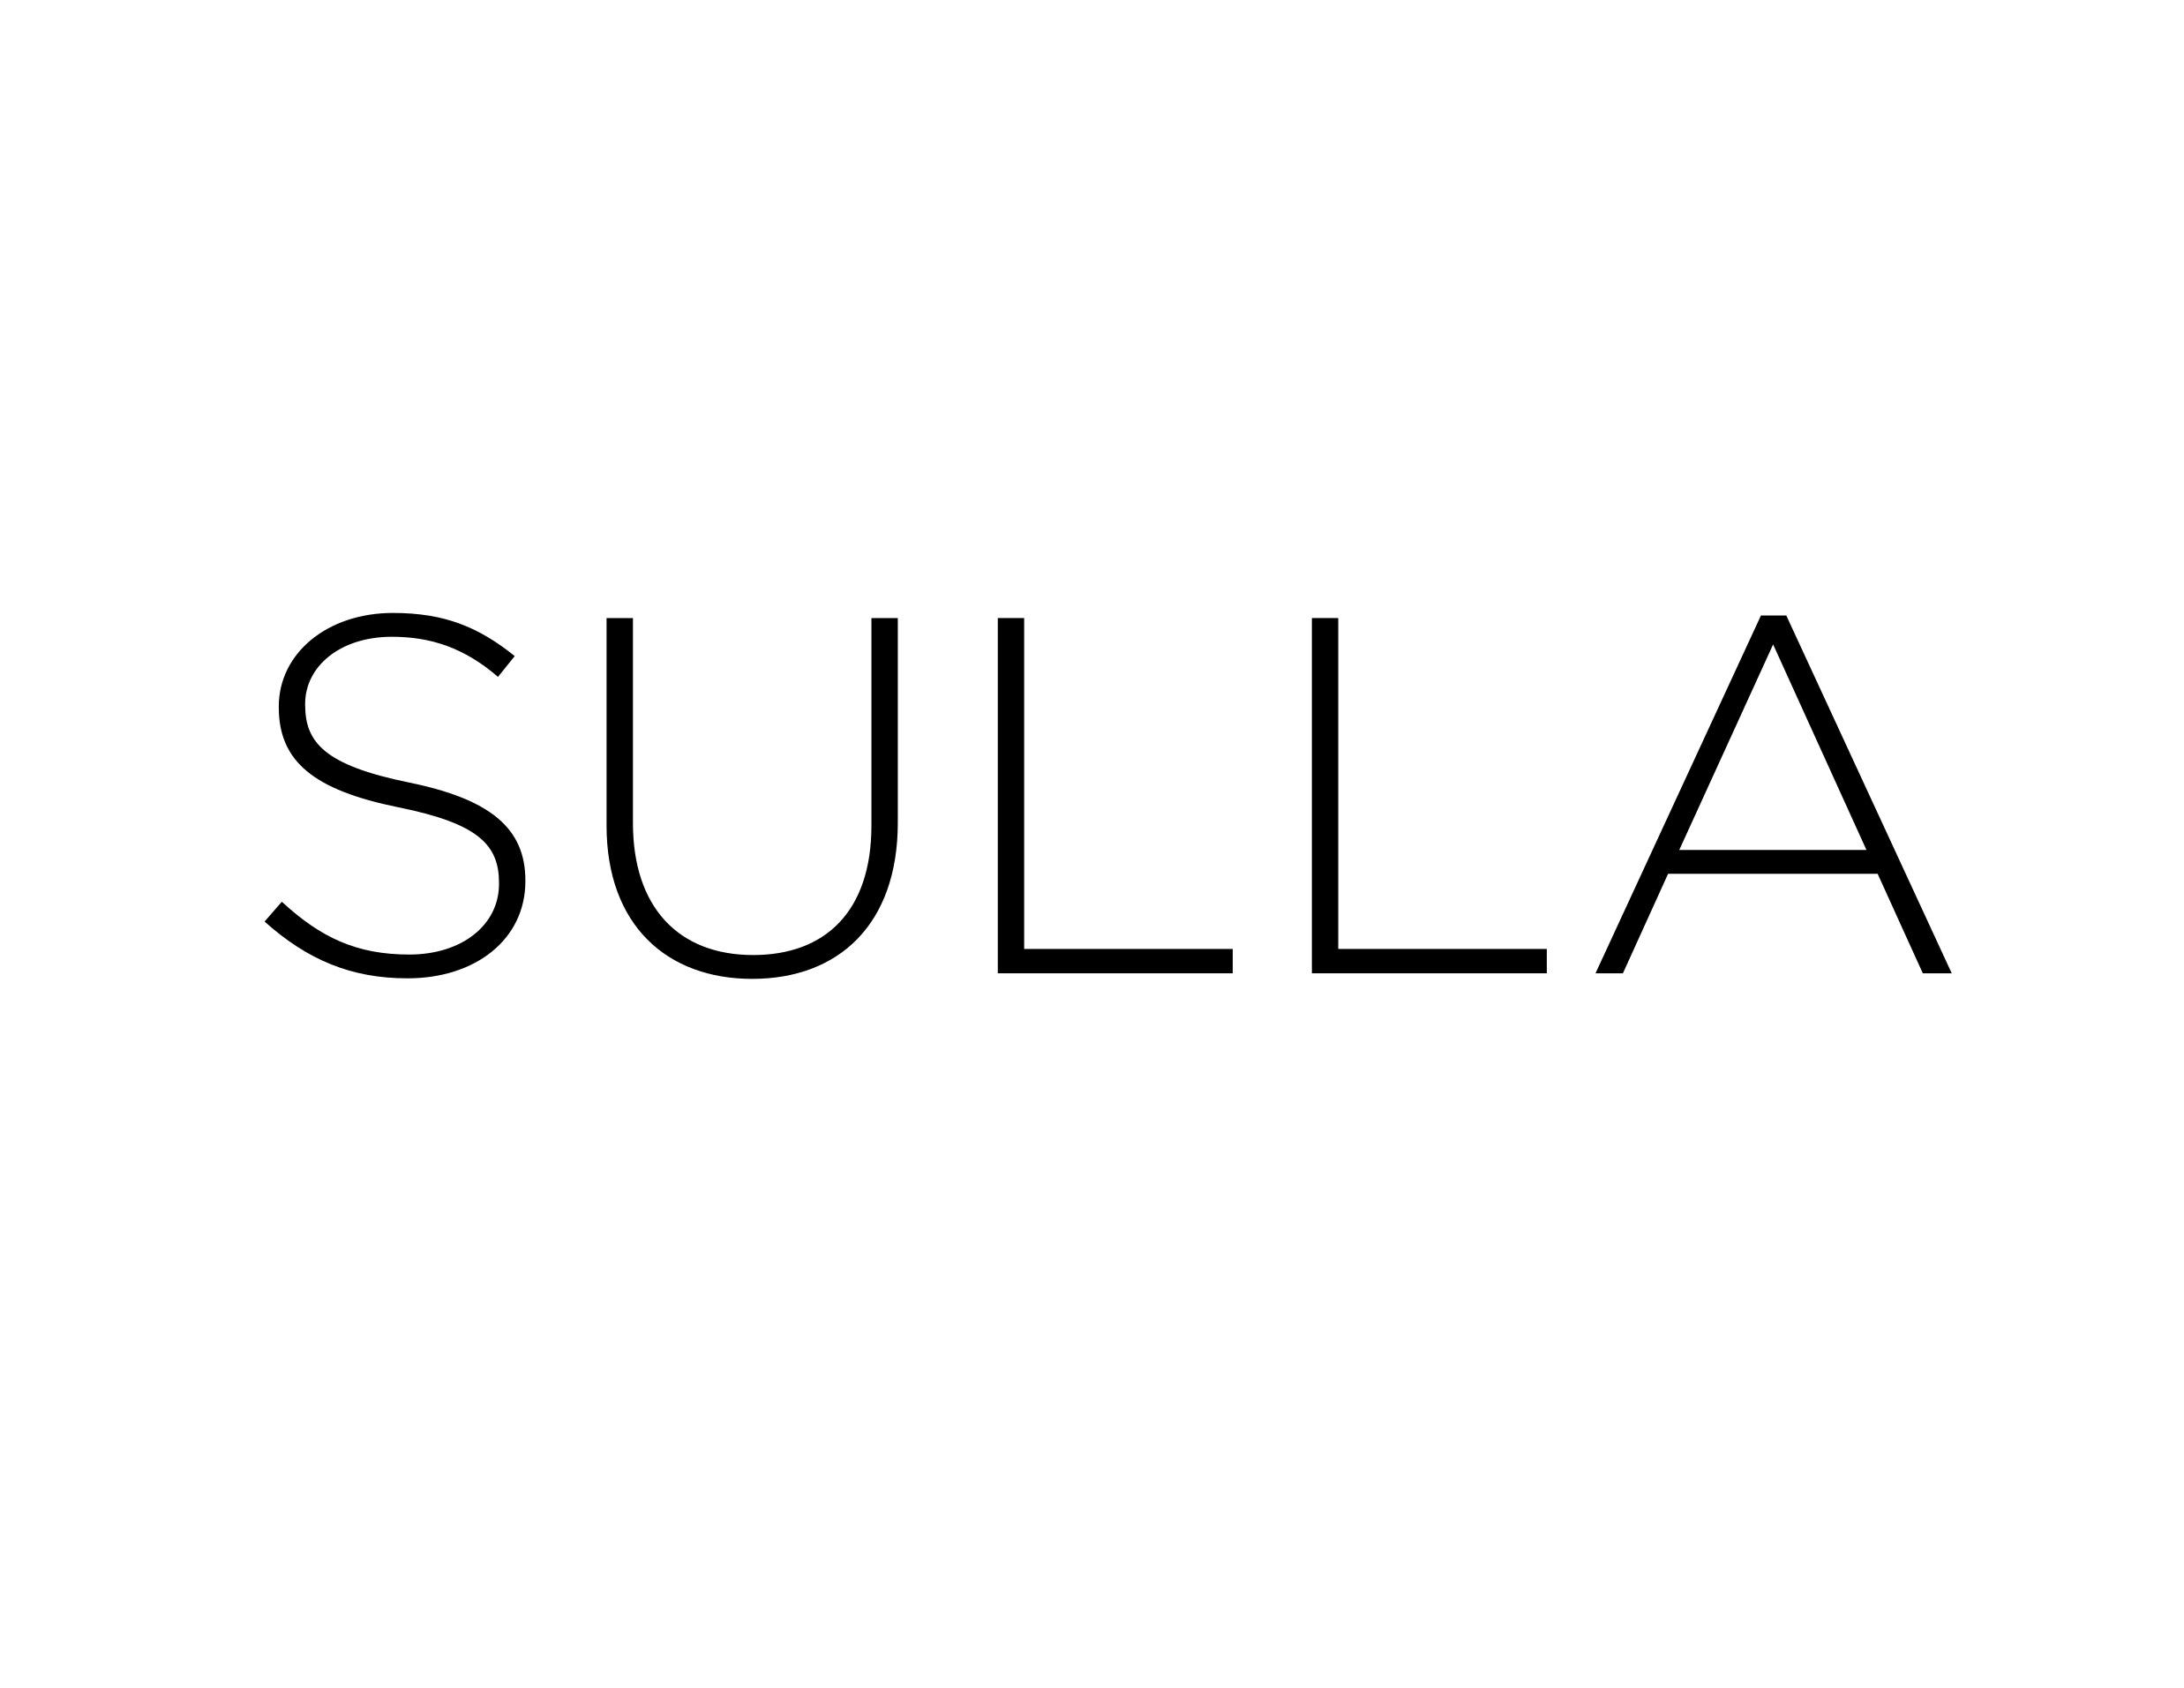 Sulla logo